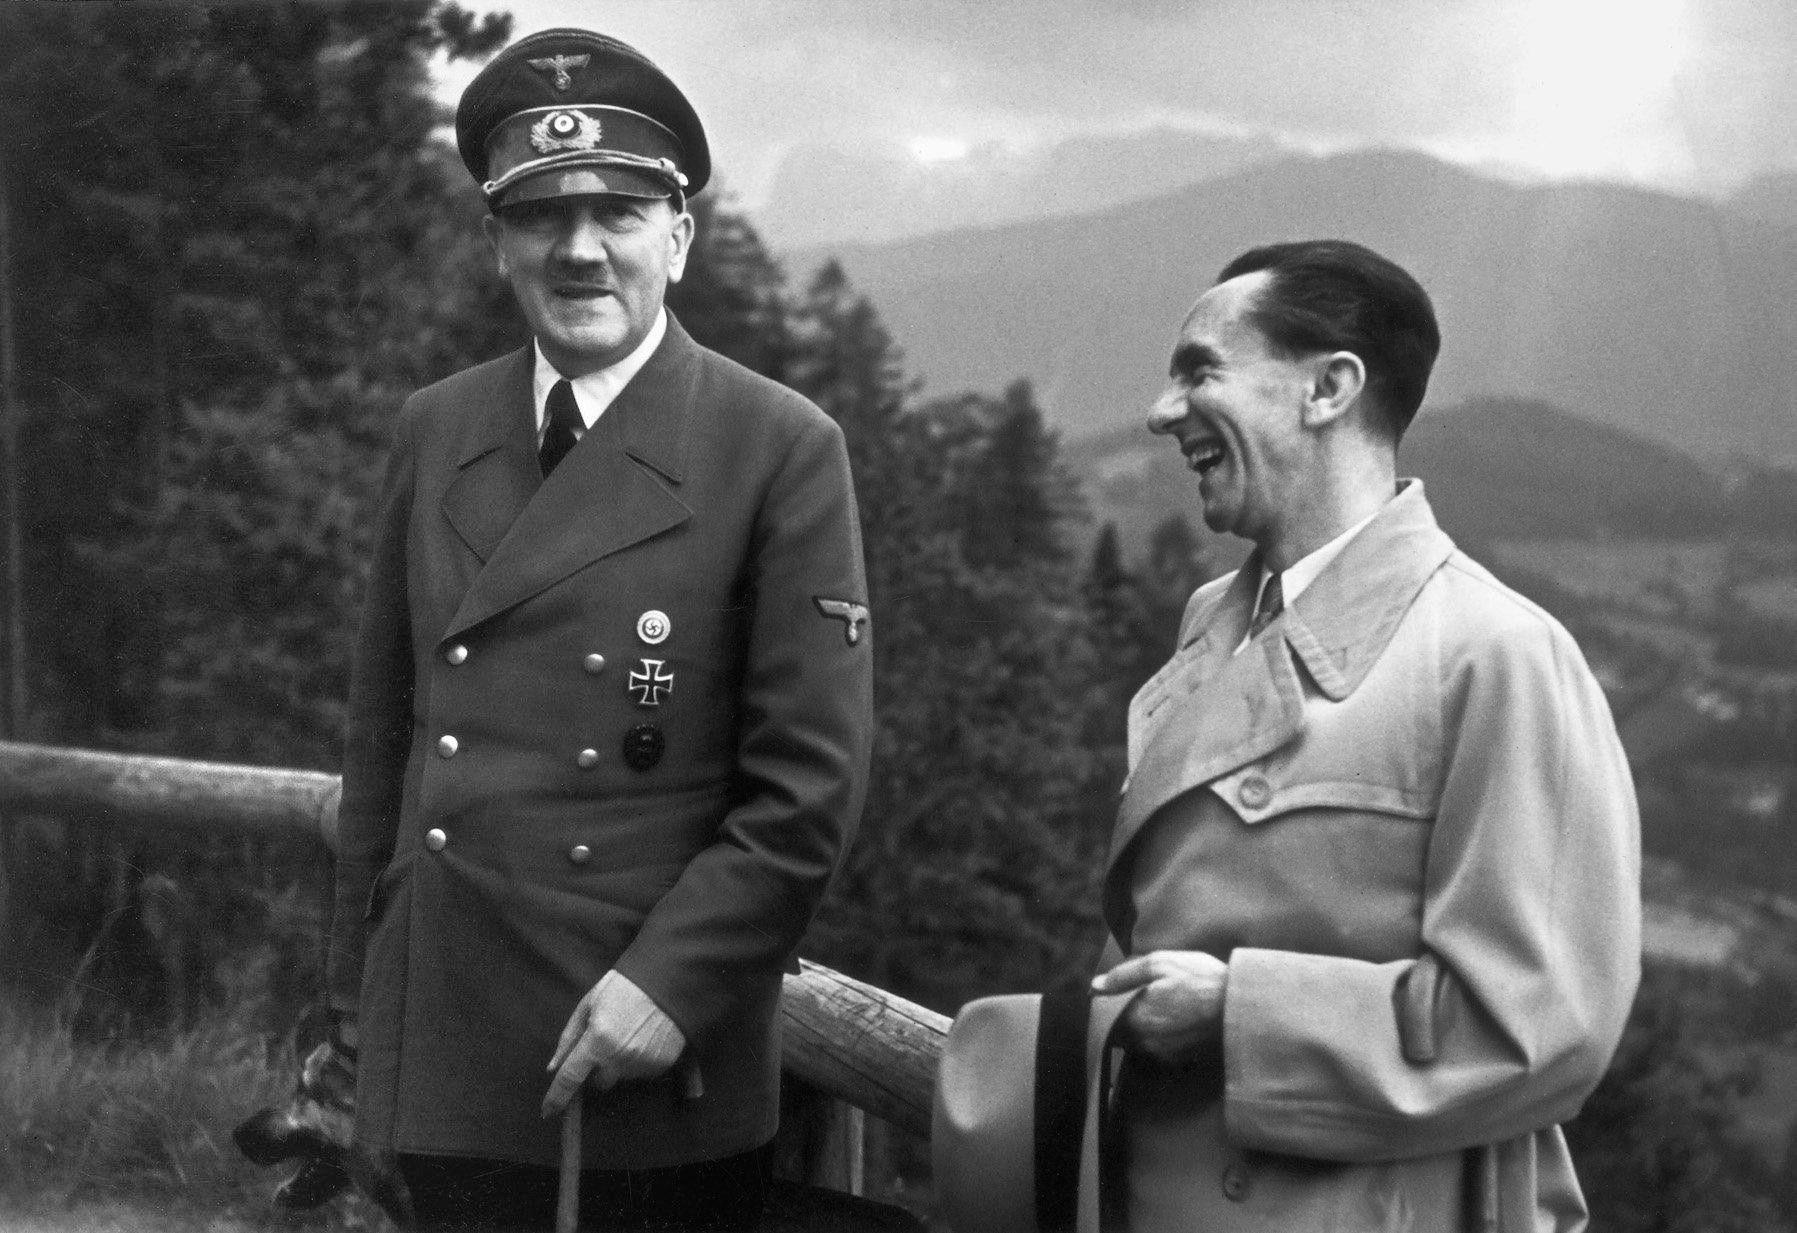 Aniversario nacimiento de Goebbels en 1897. Genio de la comunicación y la propaganda, orador, ministro y amigo de Hitler y narcisista patológico. Las actuales técnicas de publicidad, márketing social y comunicación política son herederas directas de sus métodos: «existe algo para ganarse a la gente: propaganda. Lo primero es la captación, algo que debe comprender la política. Lo importante es el éxito» (12 de abril de 1943).  http://www.veniracuento.com/